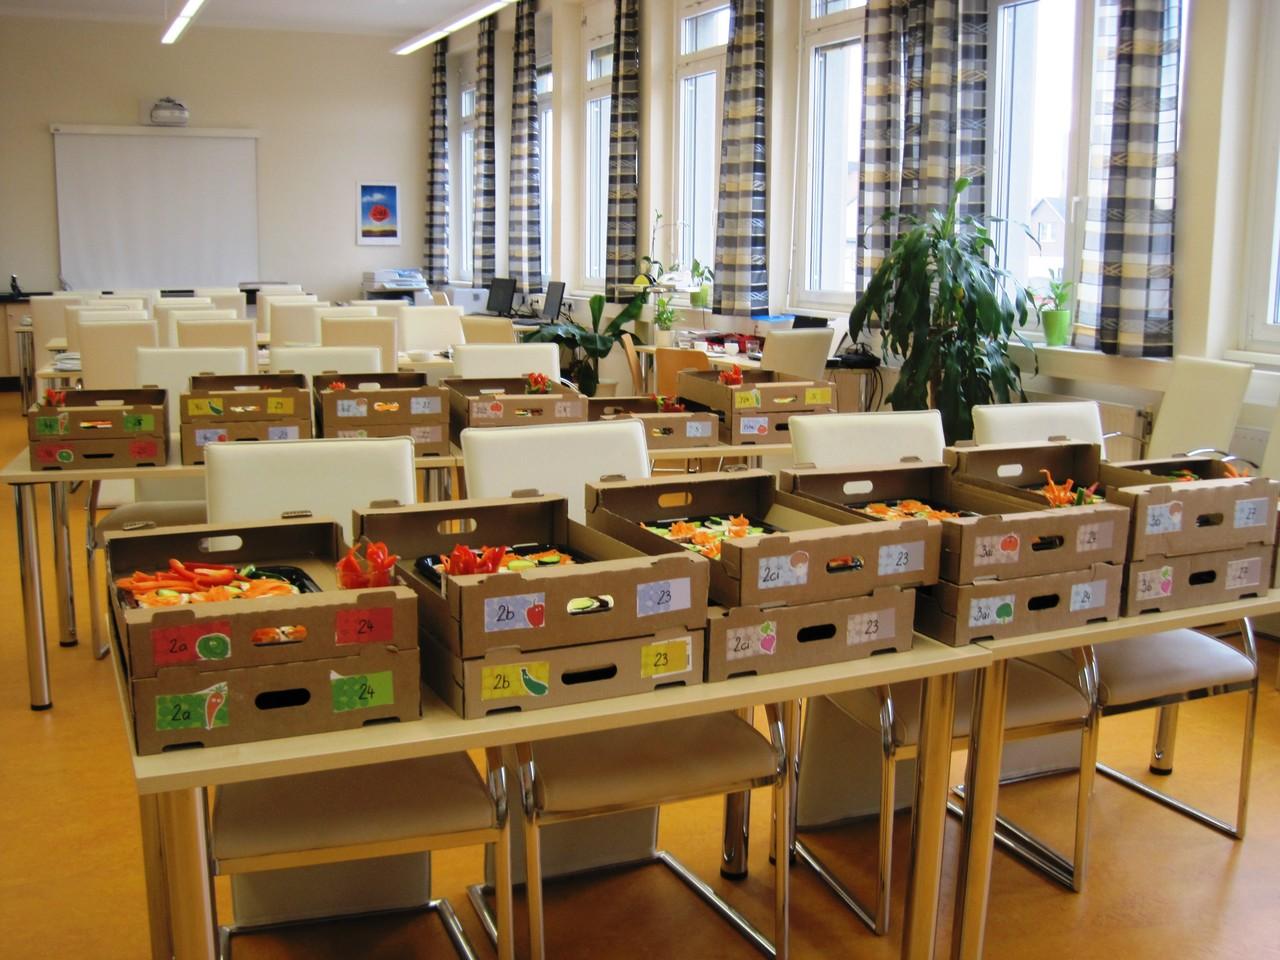 Die fertigen Kisten stehen im Konferenzzimmer für die Abholung bereit.